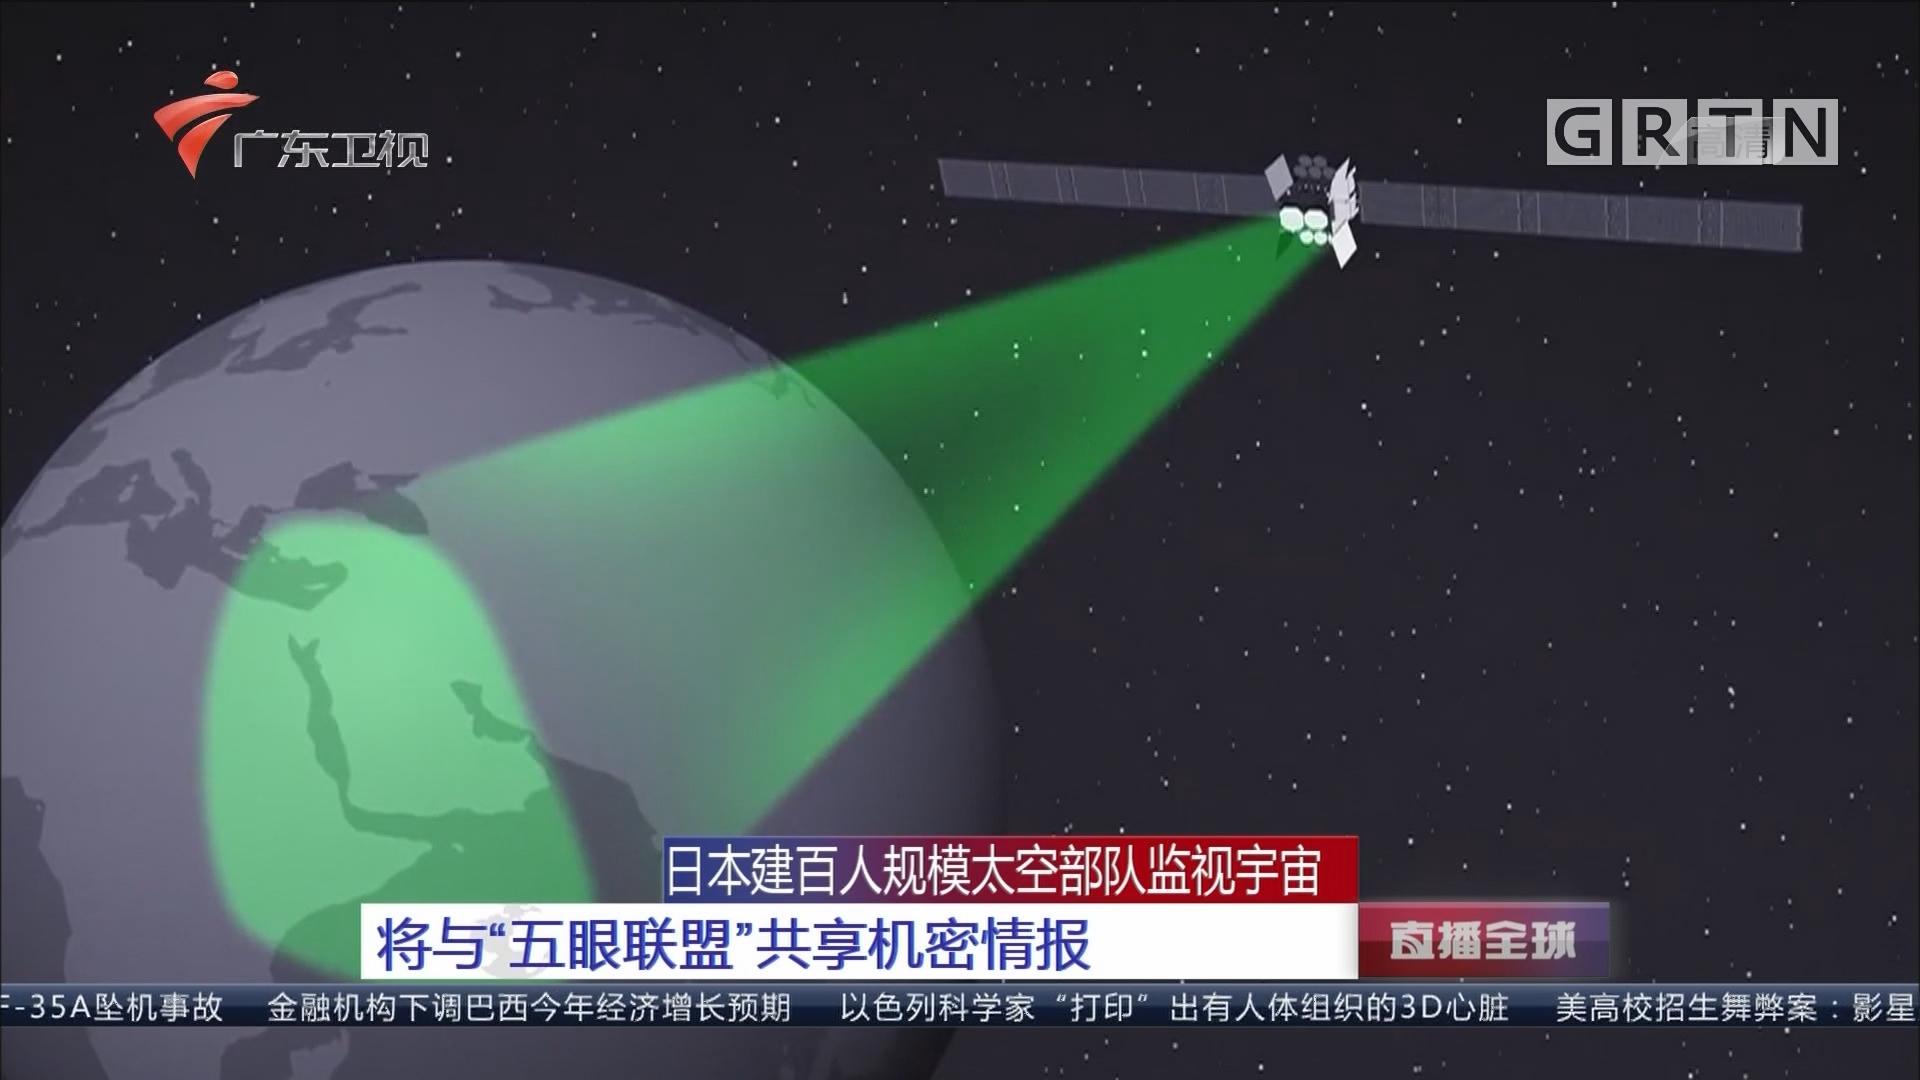 """日本建百人规模太空部队监视宇宙:将与""""五眼联盟""""共享机密情报"""